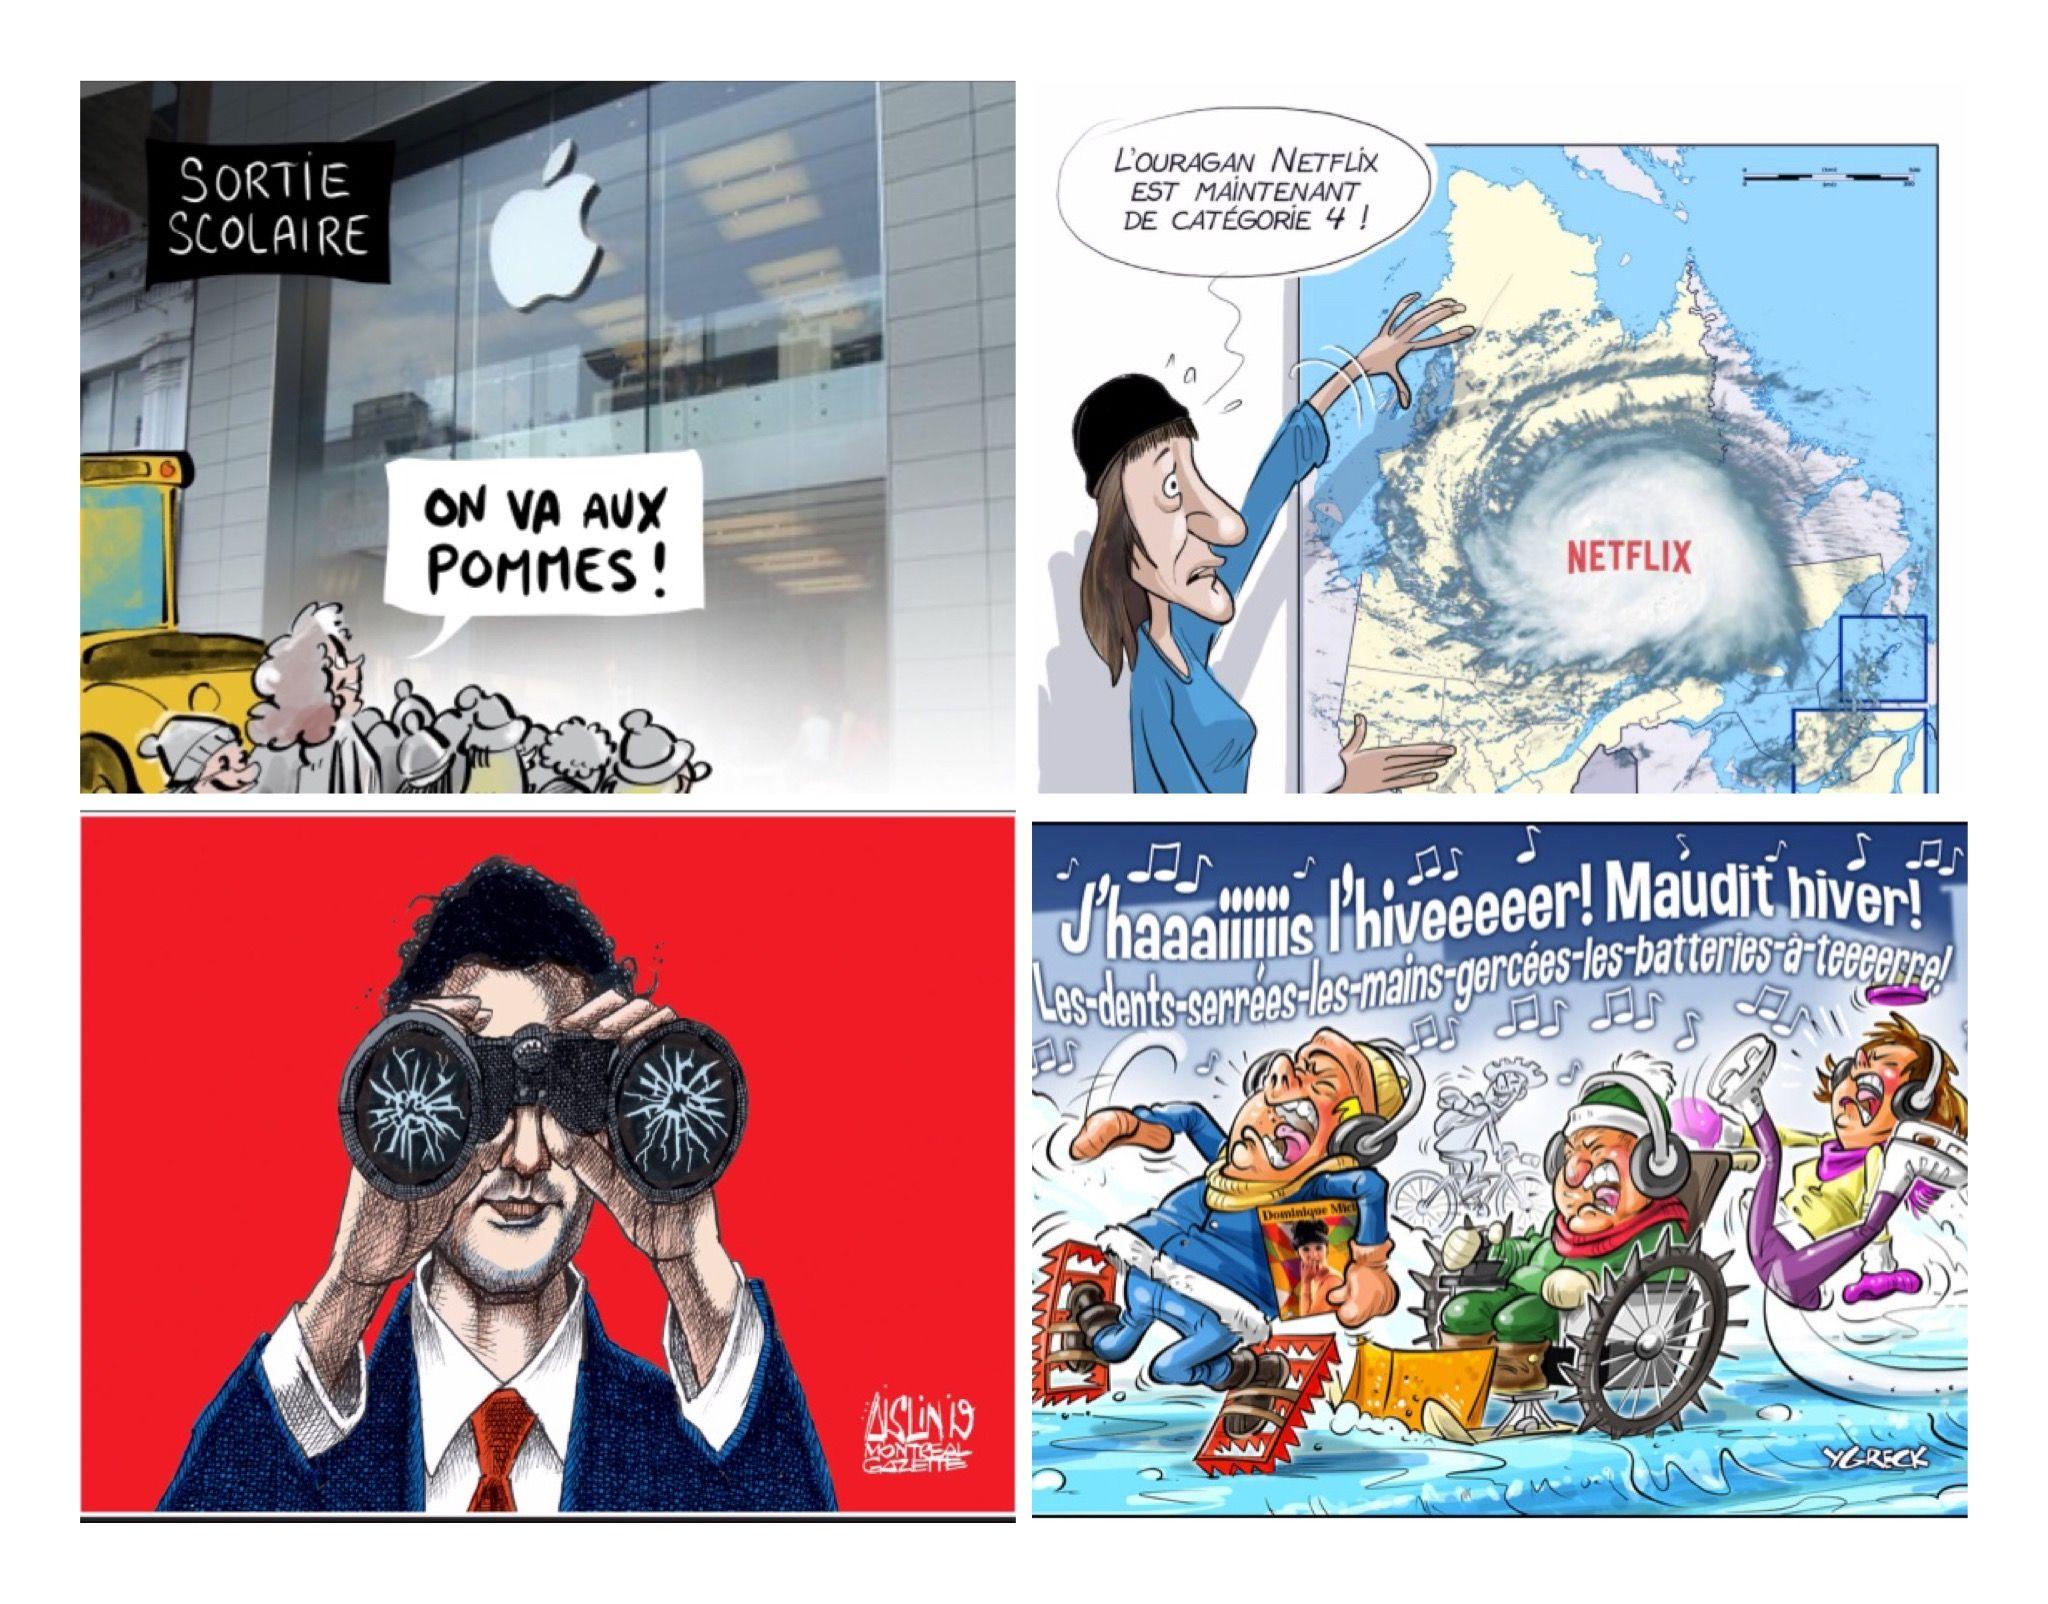 Épinglé par Serge Bellemare sur Humour Netflix, Humour